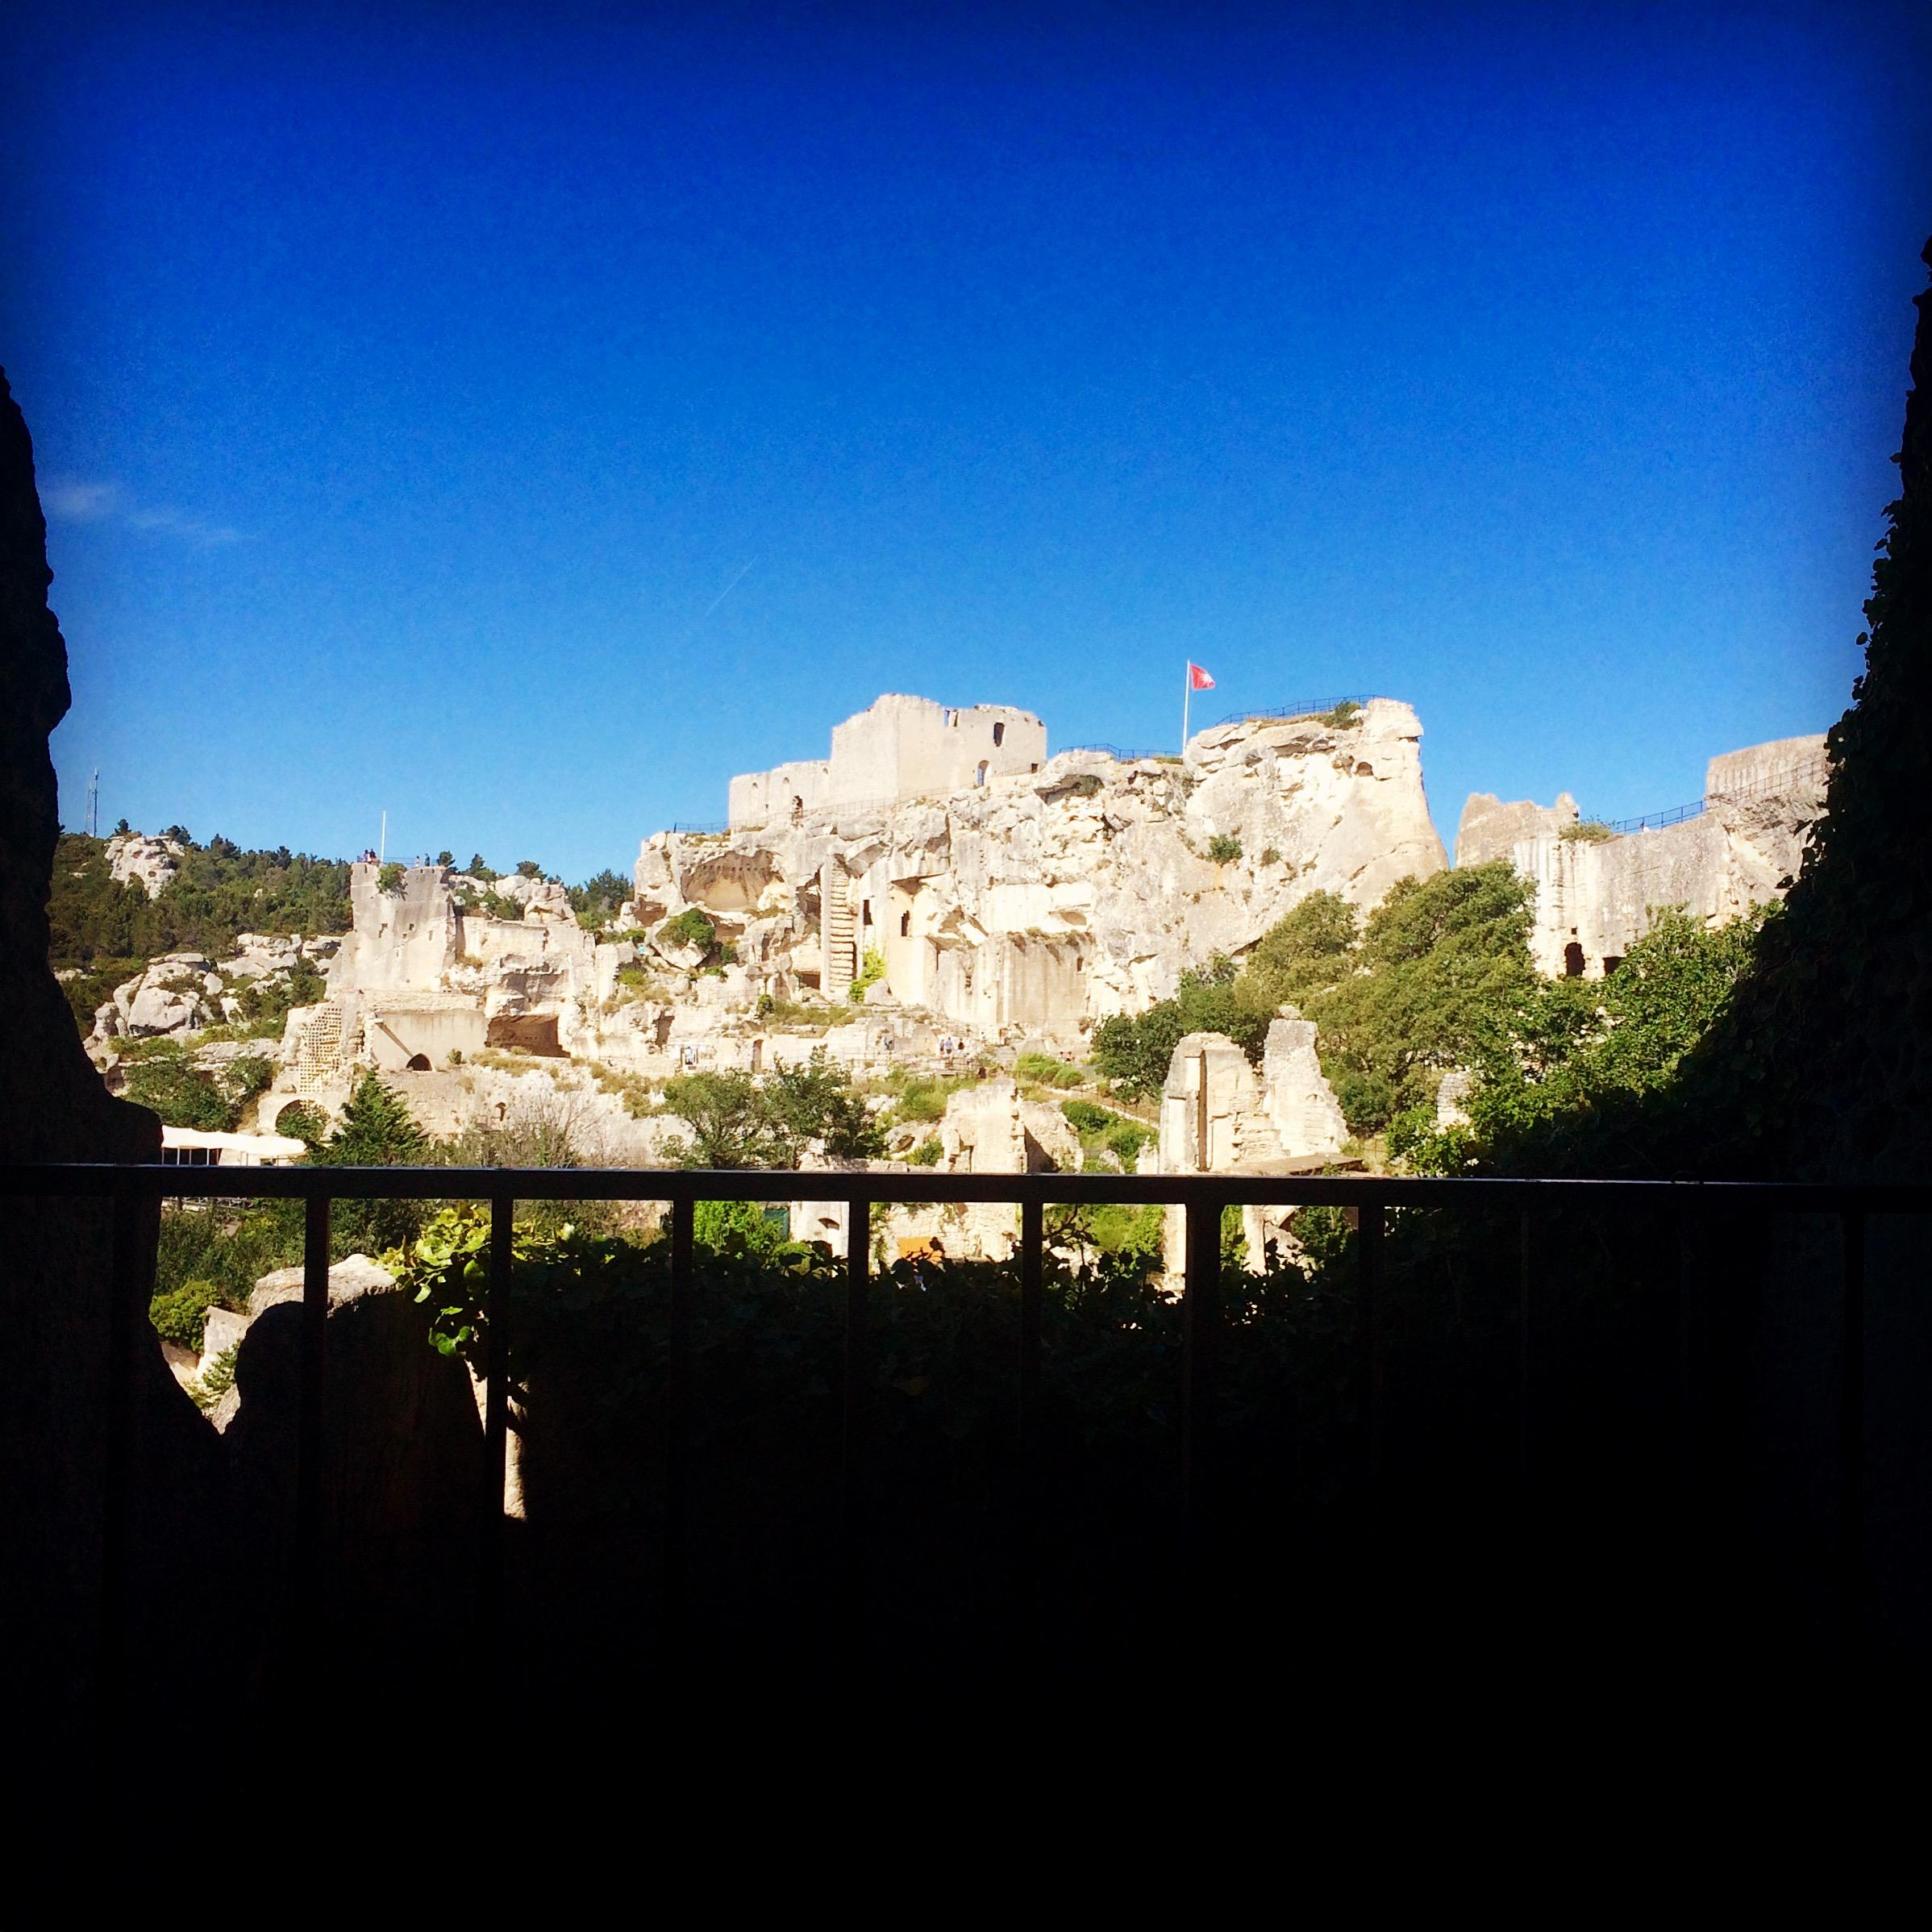 les-baux-de-provence-castello